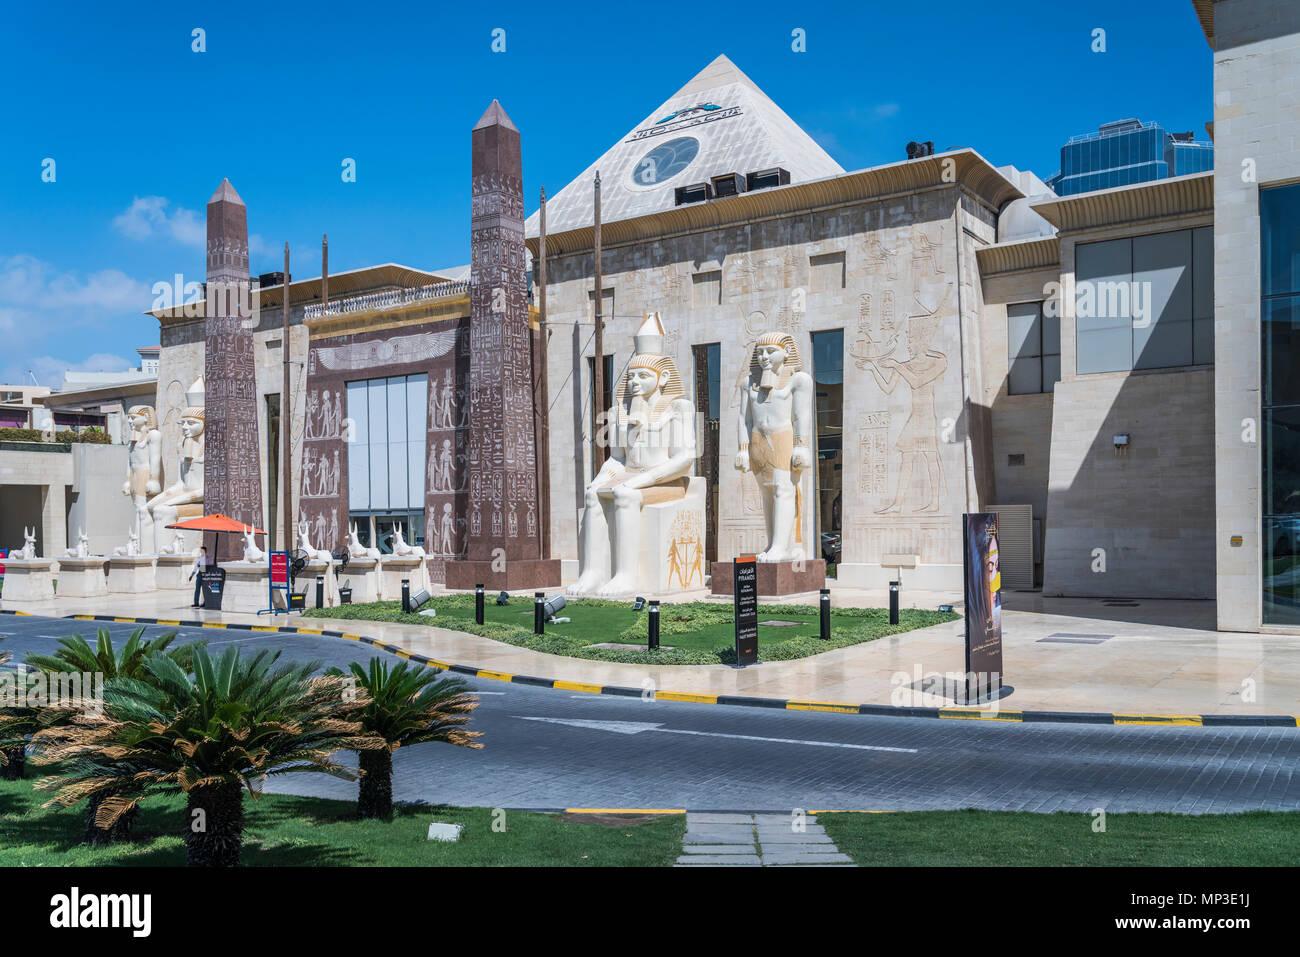 Ägyptischer Architektur in die äußere Fassade der Wafi Shopping Center, Dubai, Vereinigte Arabische Emirate, Naher Osten. Stockfoto